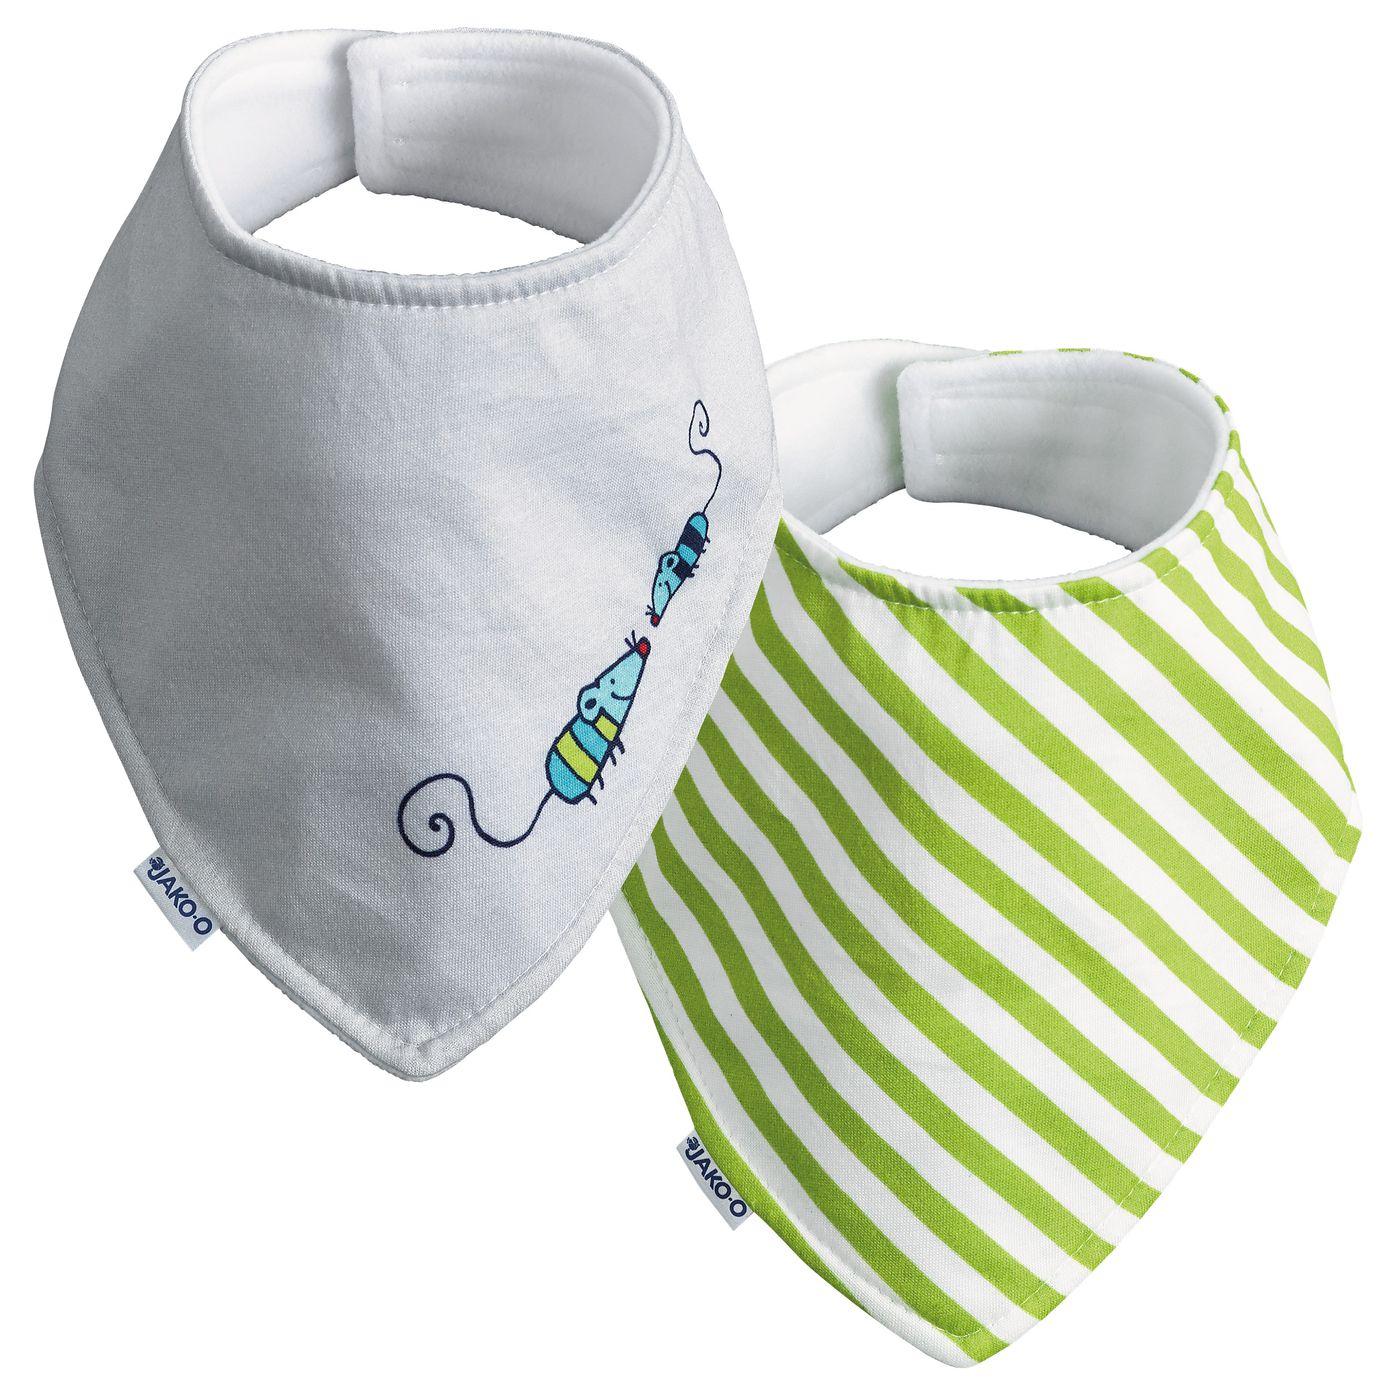 Слюни полотенца JAKO‑O большой, напечатанные